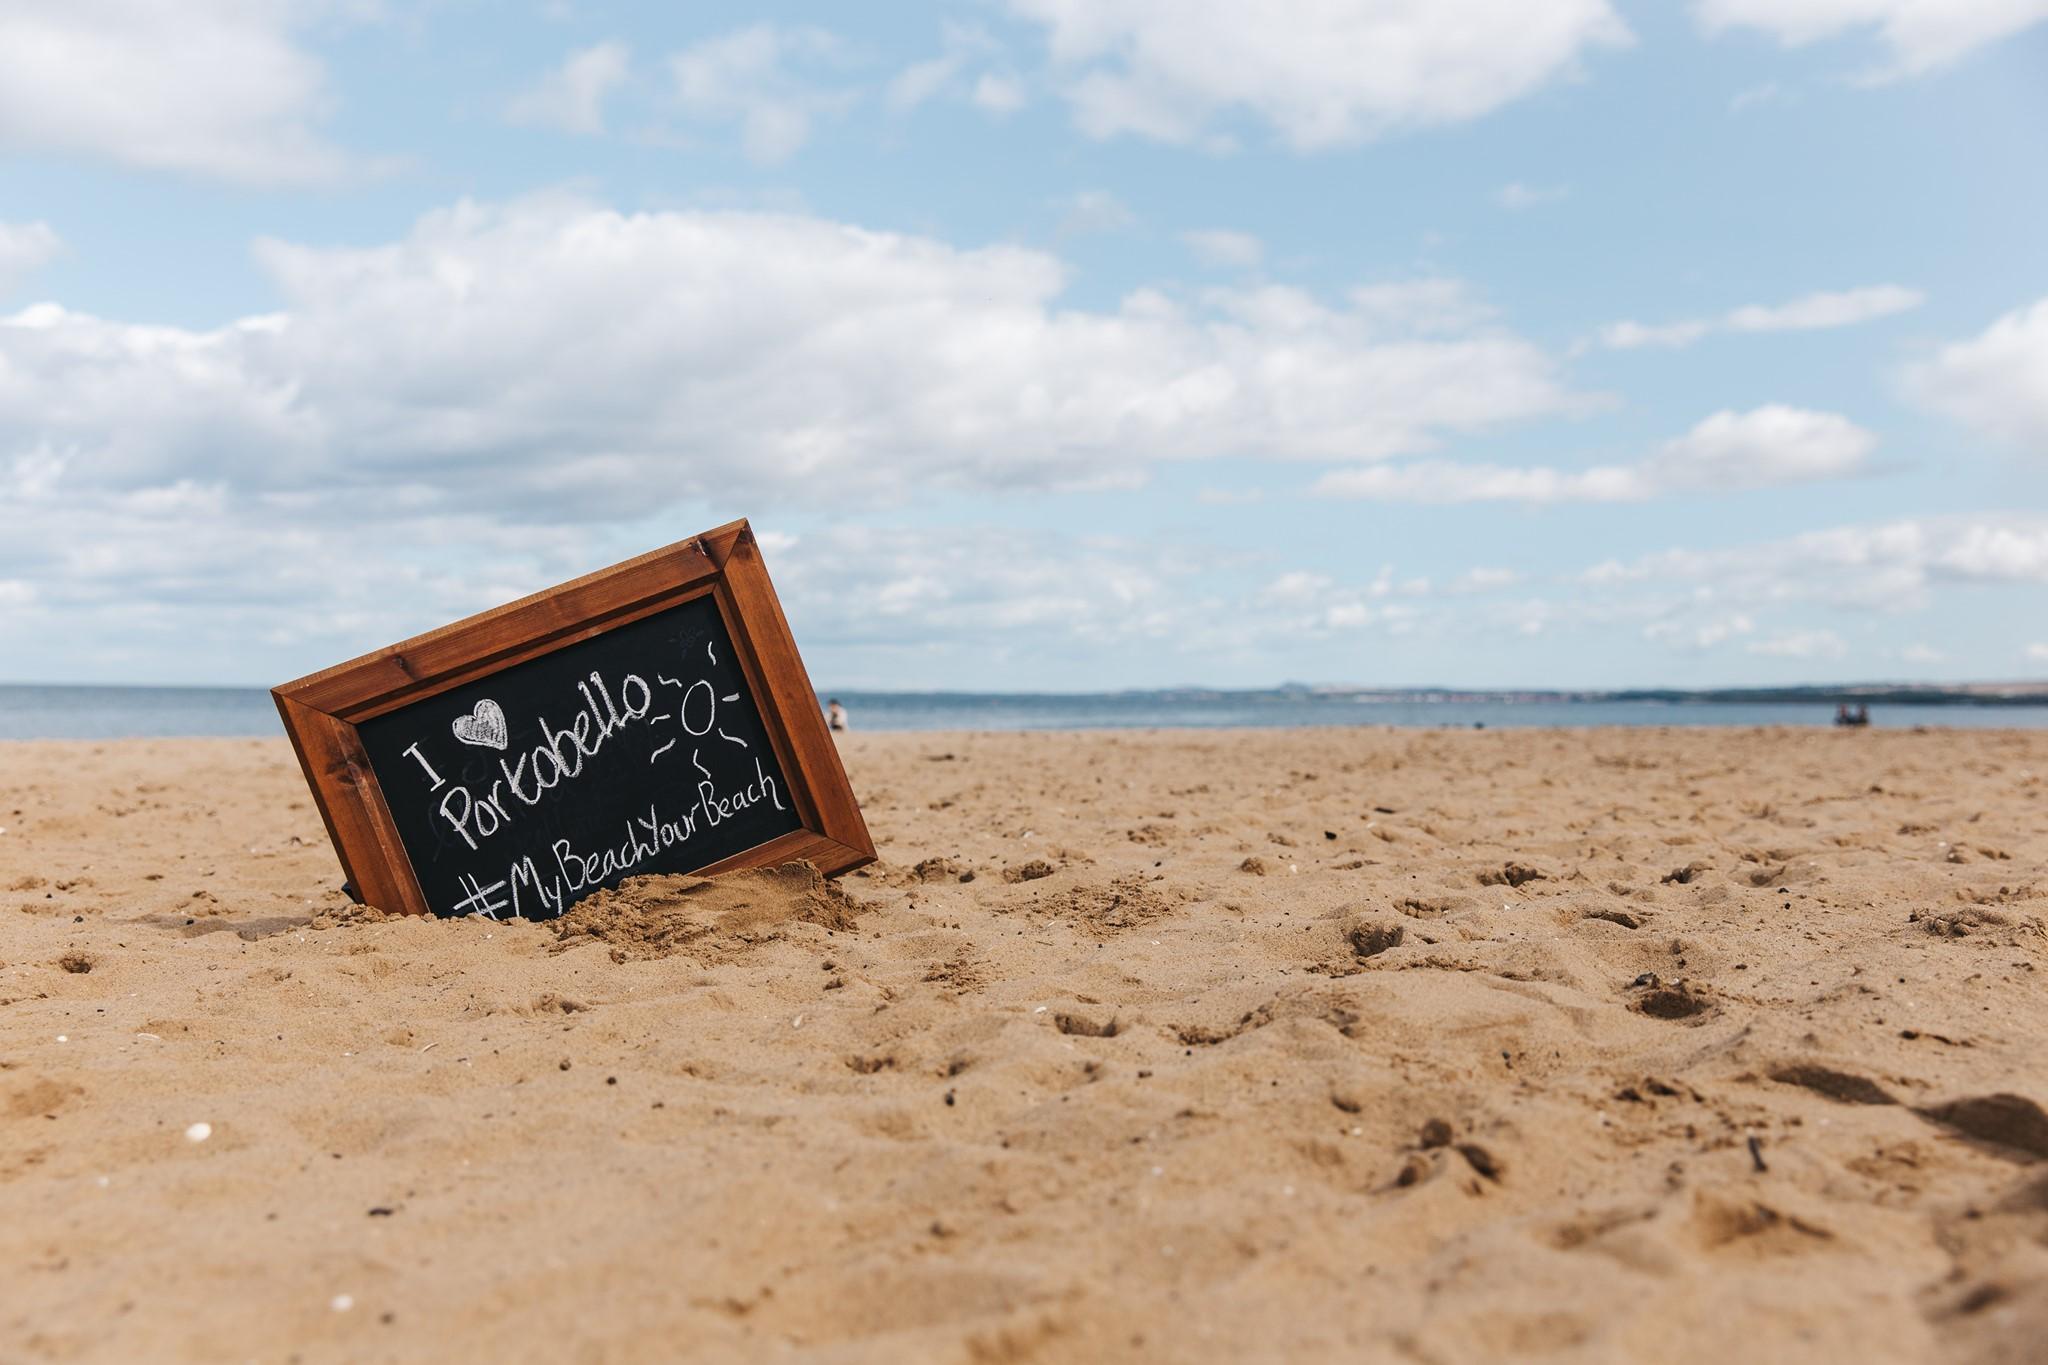 chalk board reading 'I love Portobello' on the beach